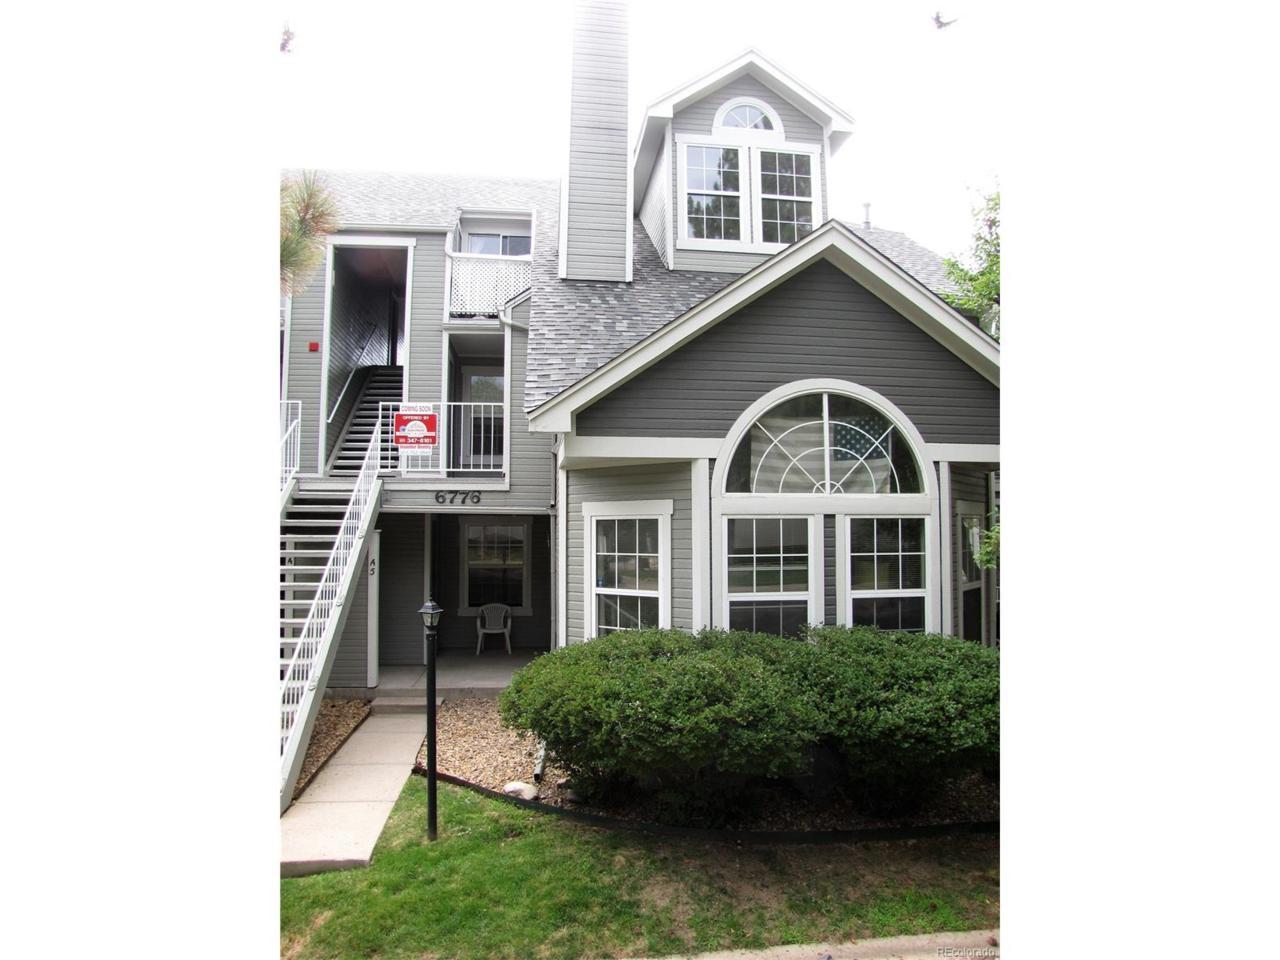 6776 S Ivy Street B5, Centennial, CO 80112 (MLS #2418871) :: 8z Real Estate